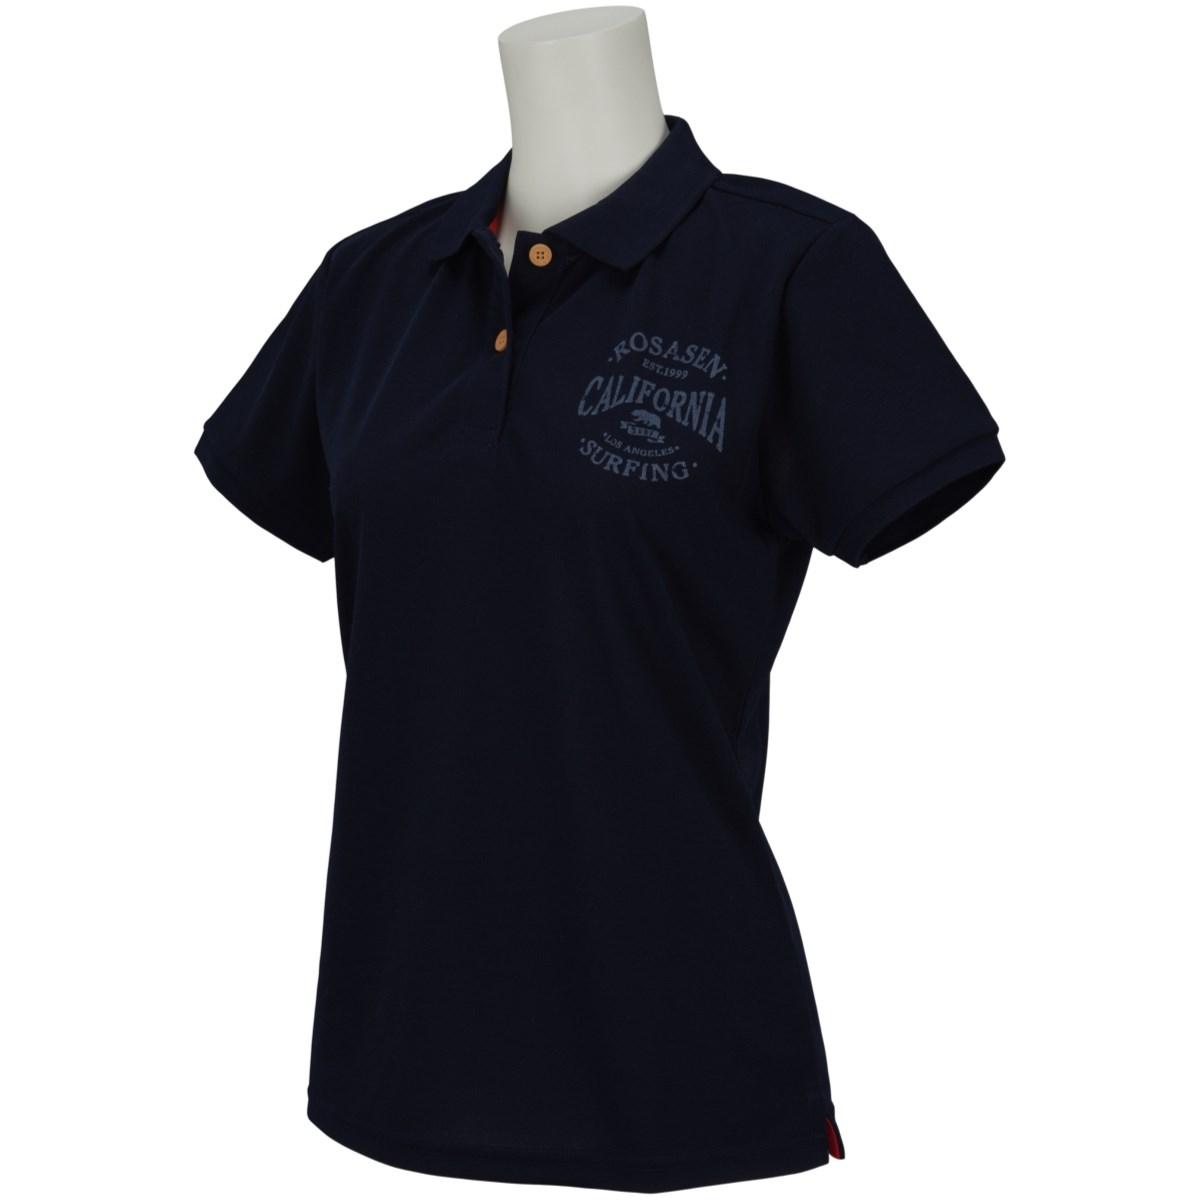 ロサーセン ROSASEN 鹿の子半袖ポロシャツ 42(L) ネイビー 098 レディス